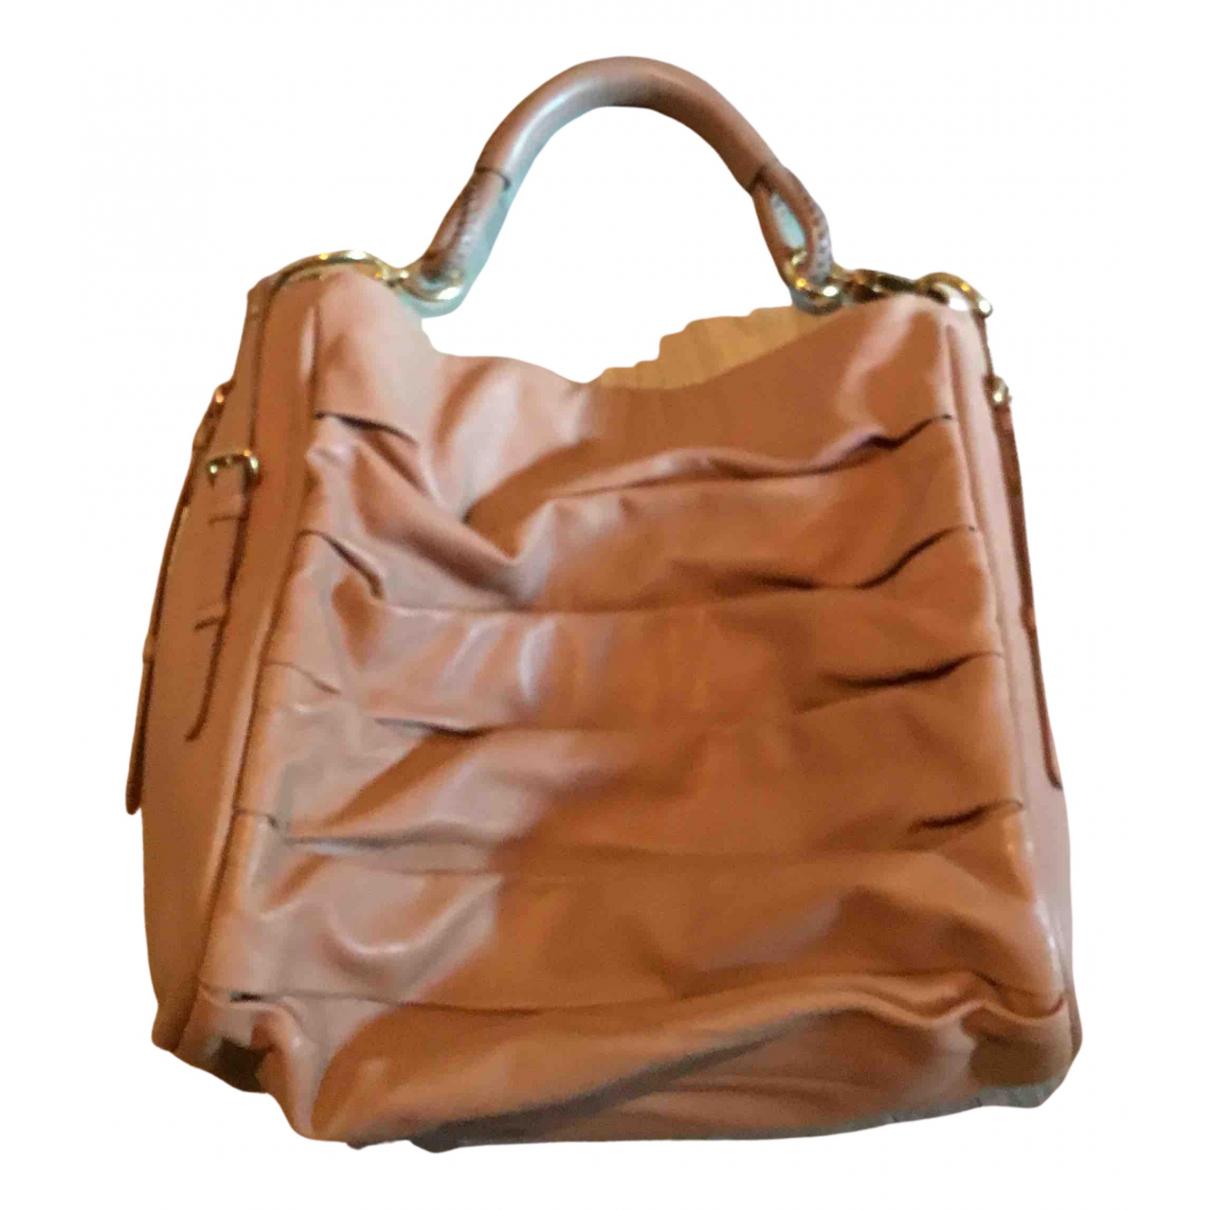 Dior \N Handtasche in  Kamel Leder